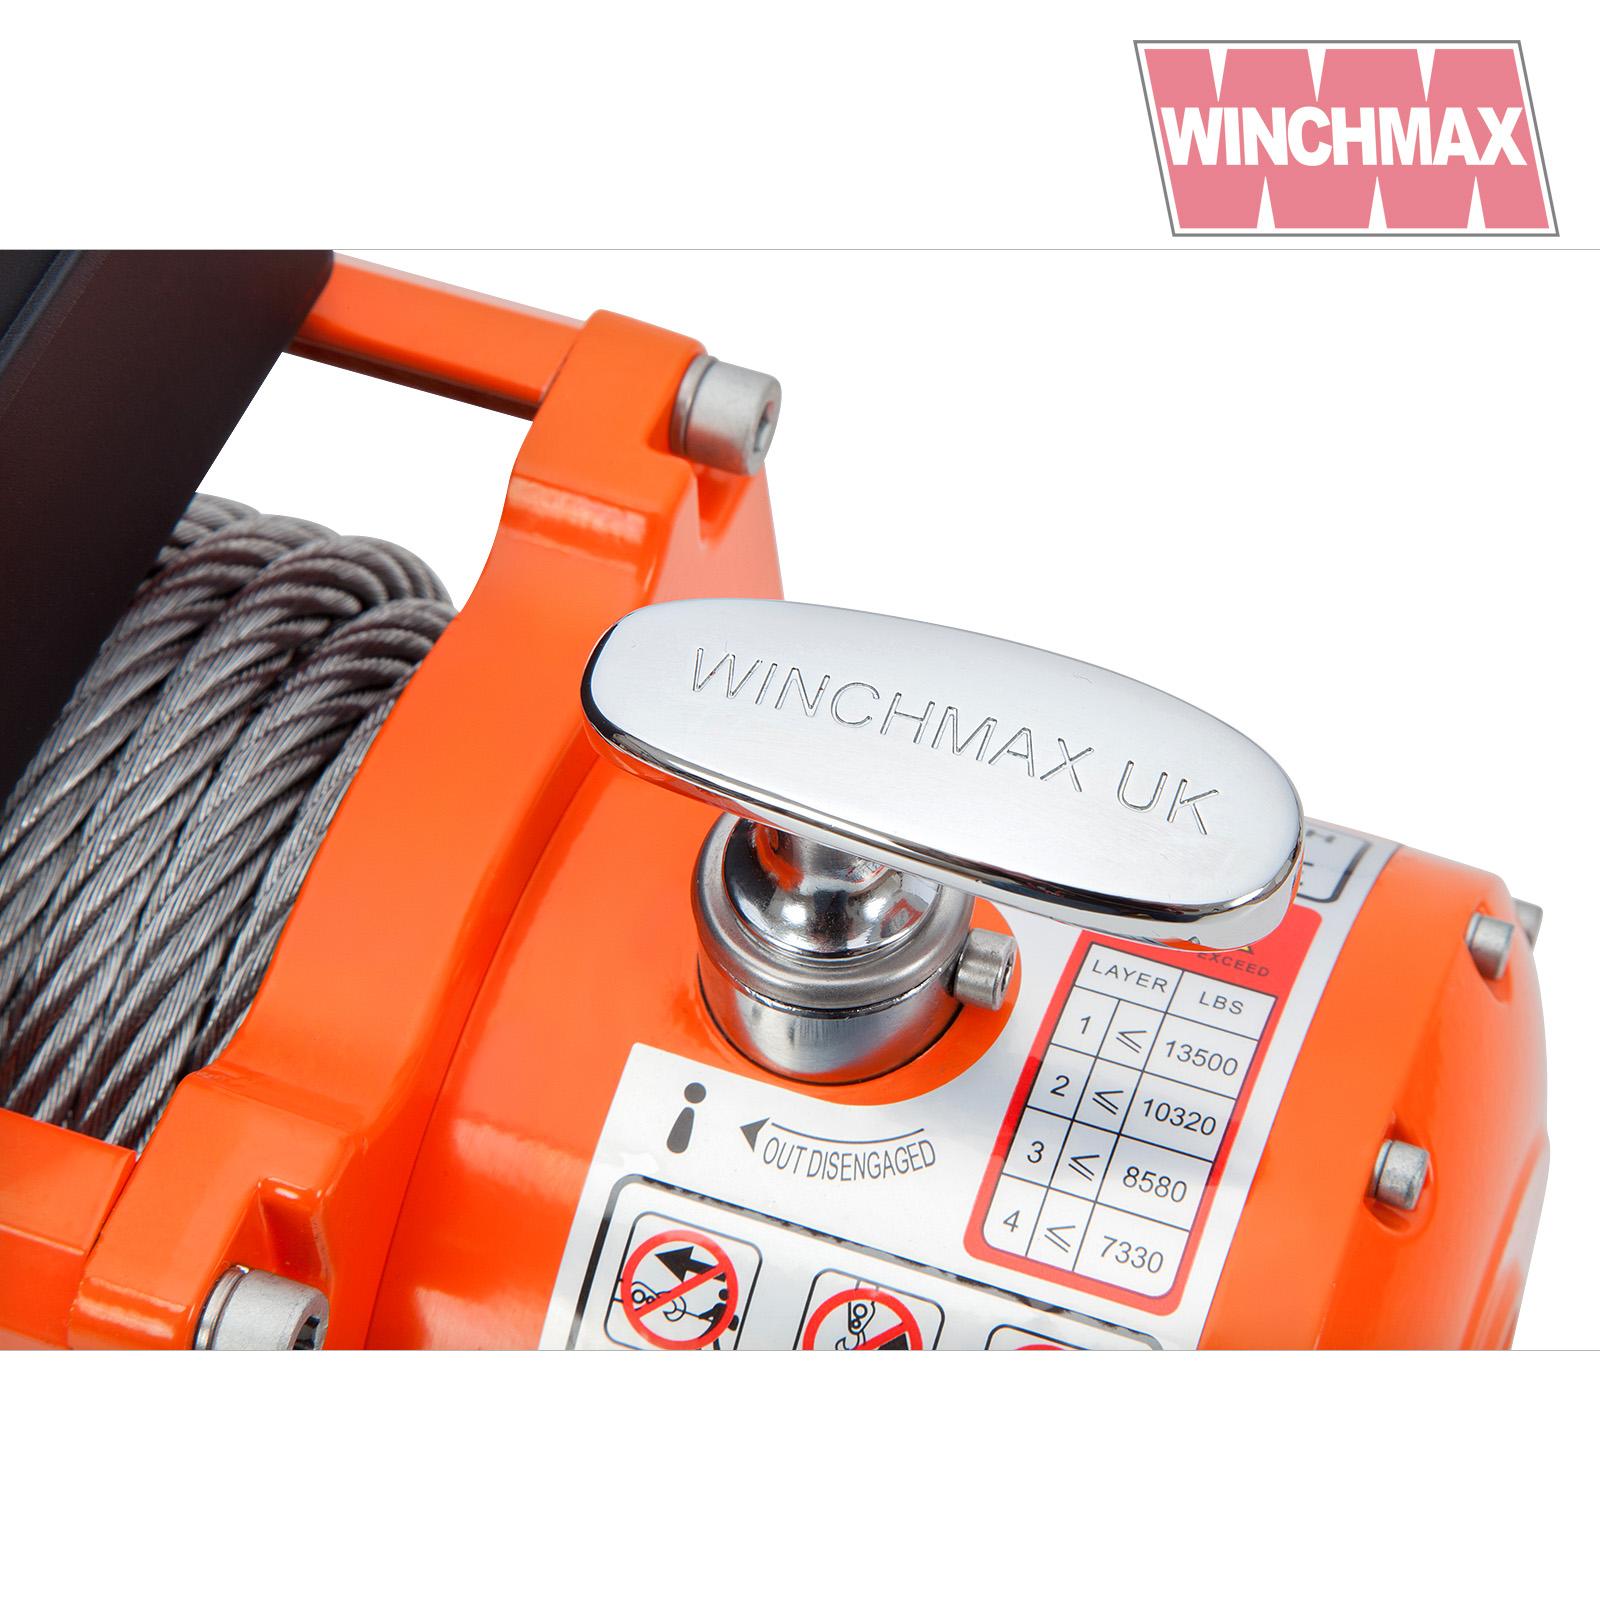 Wm1350012v winchmax 542